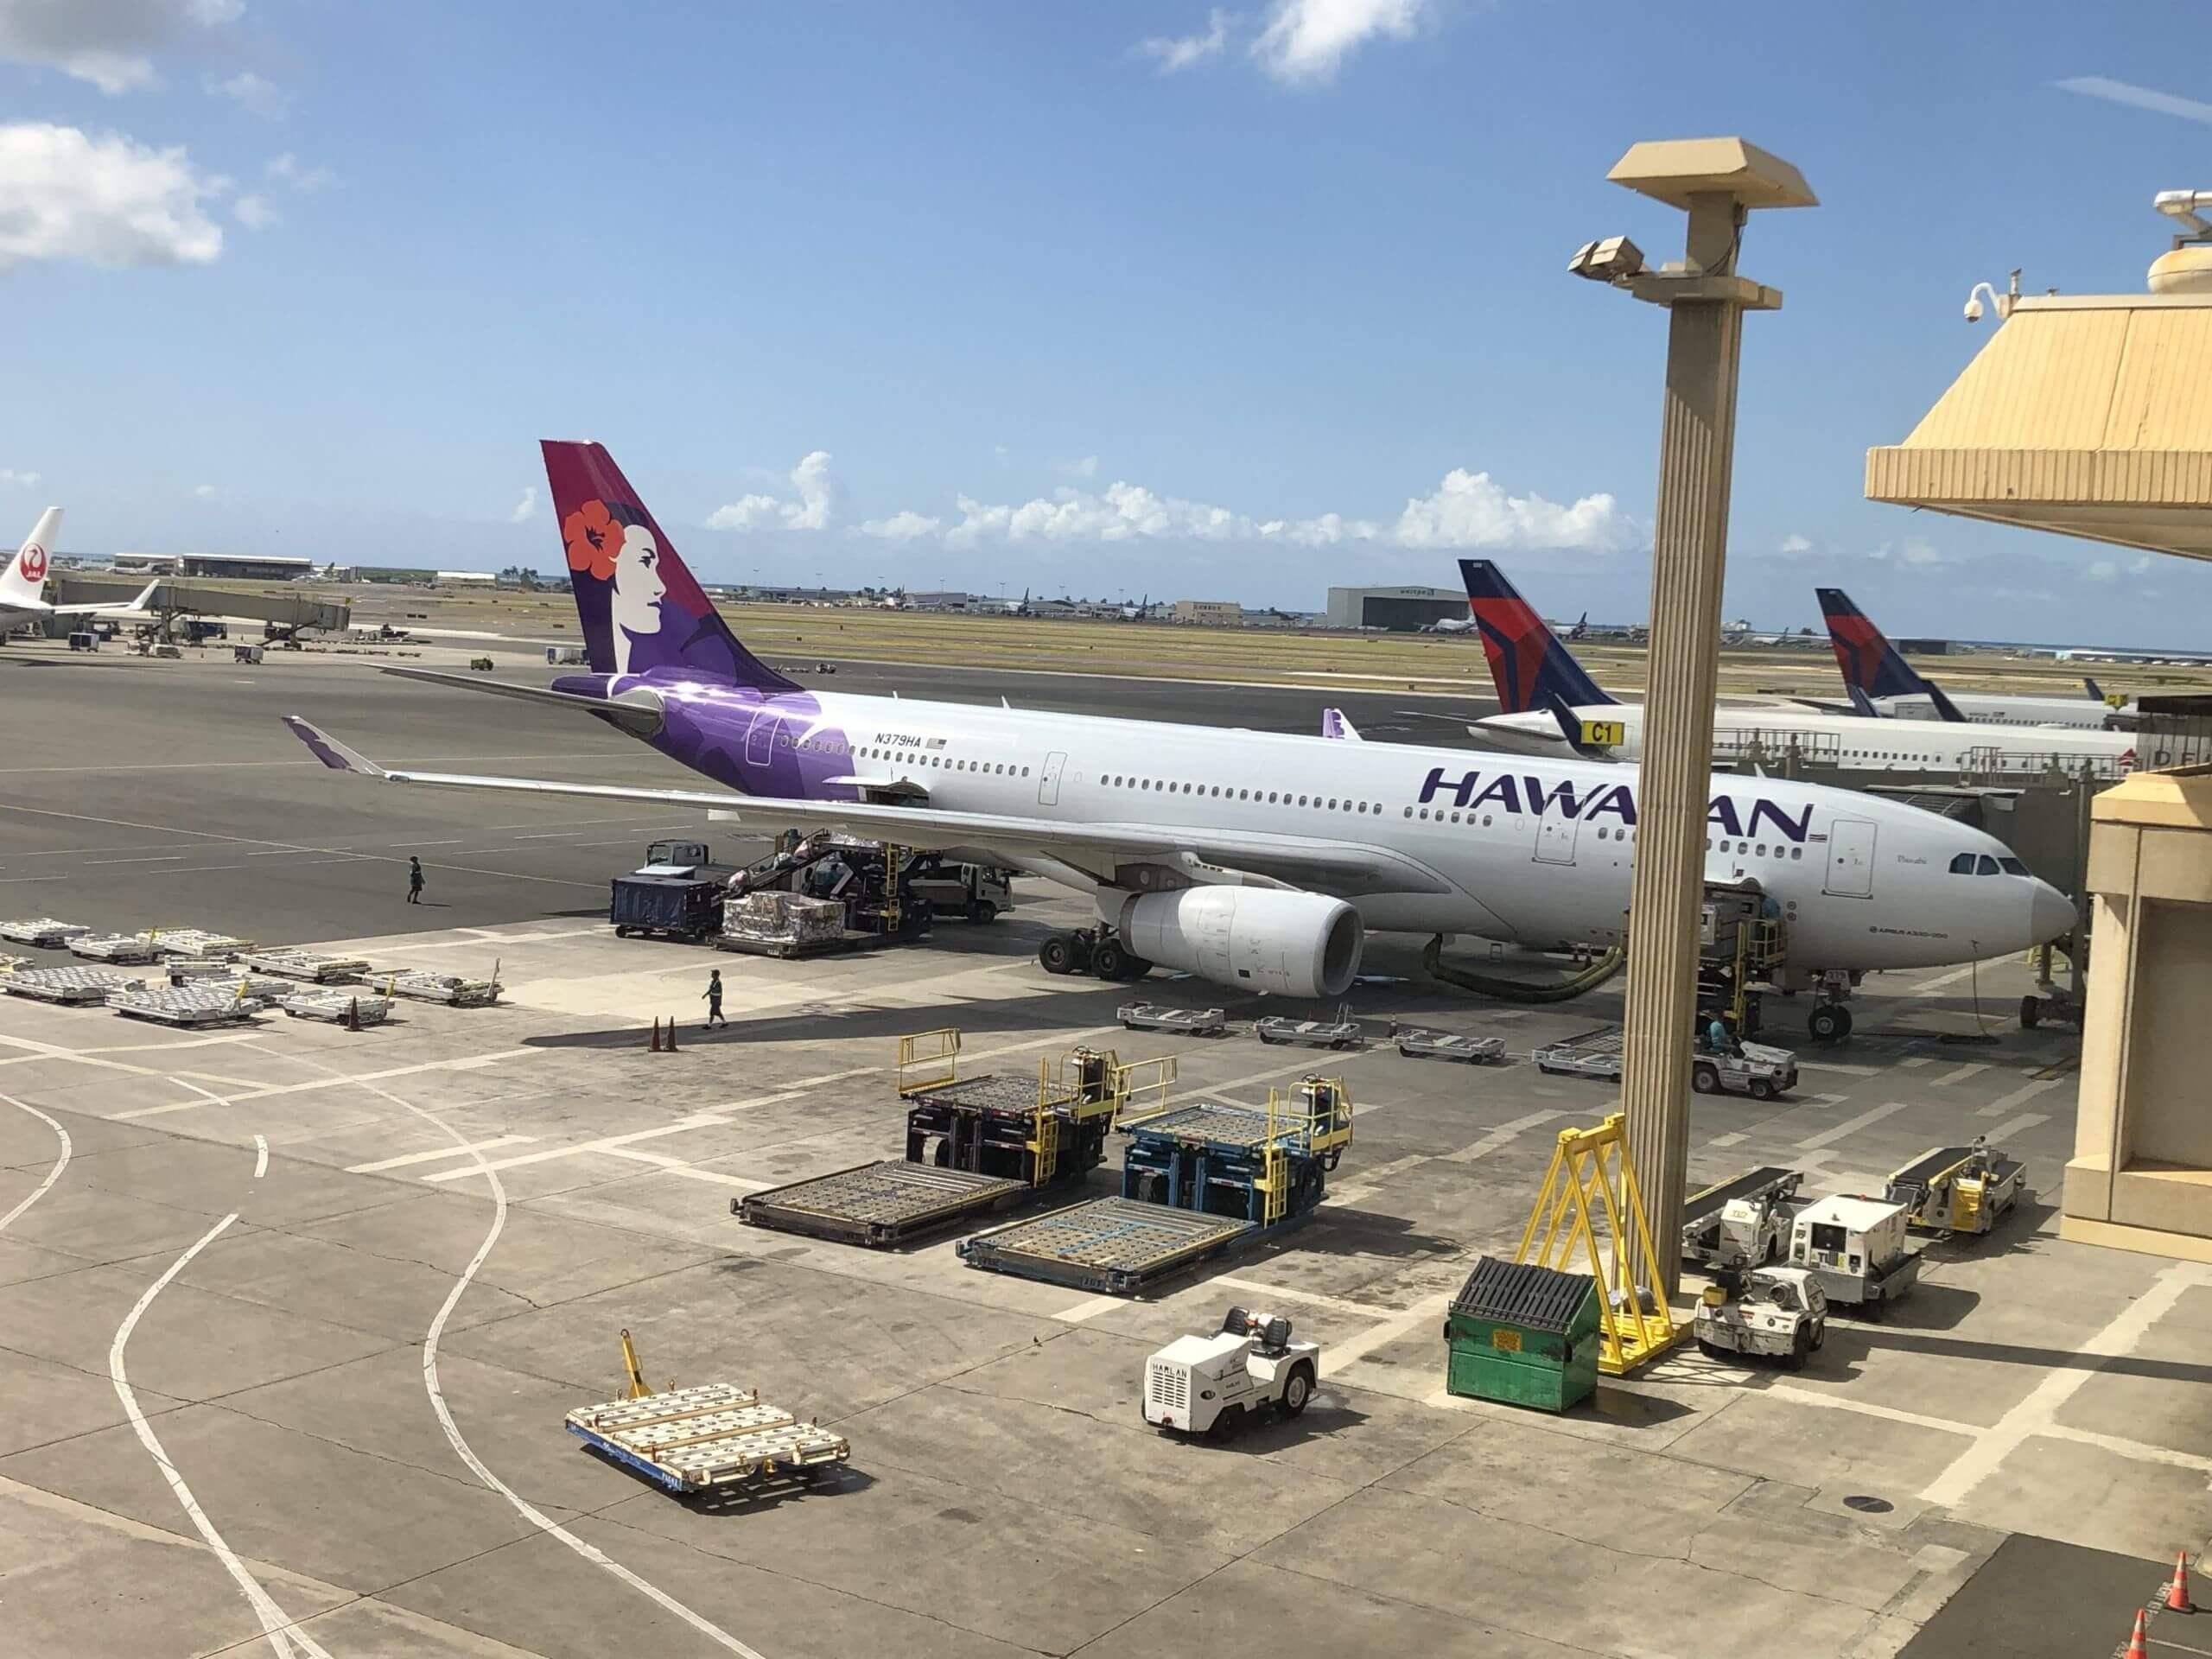 ハワイアン航空_飛行機